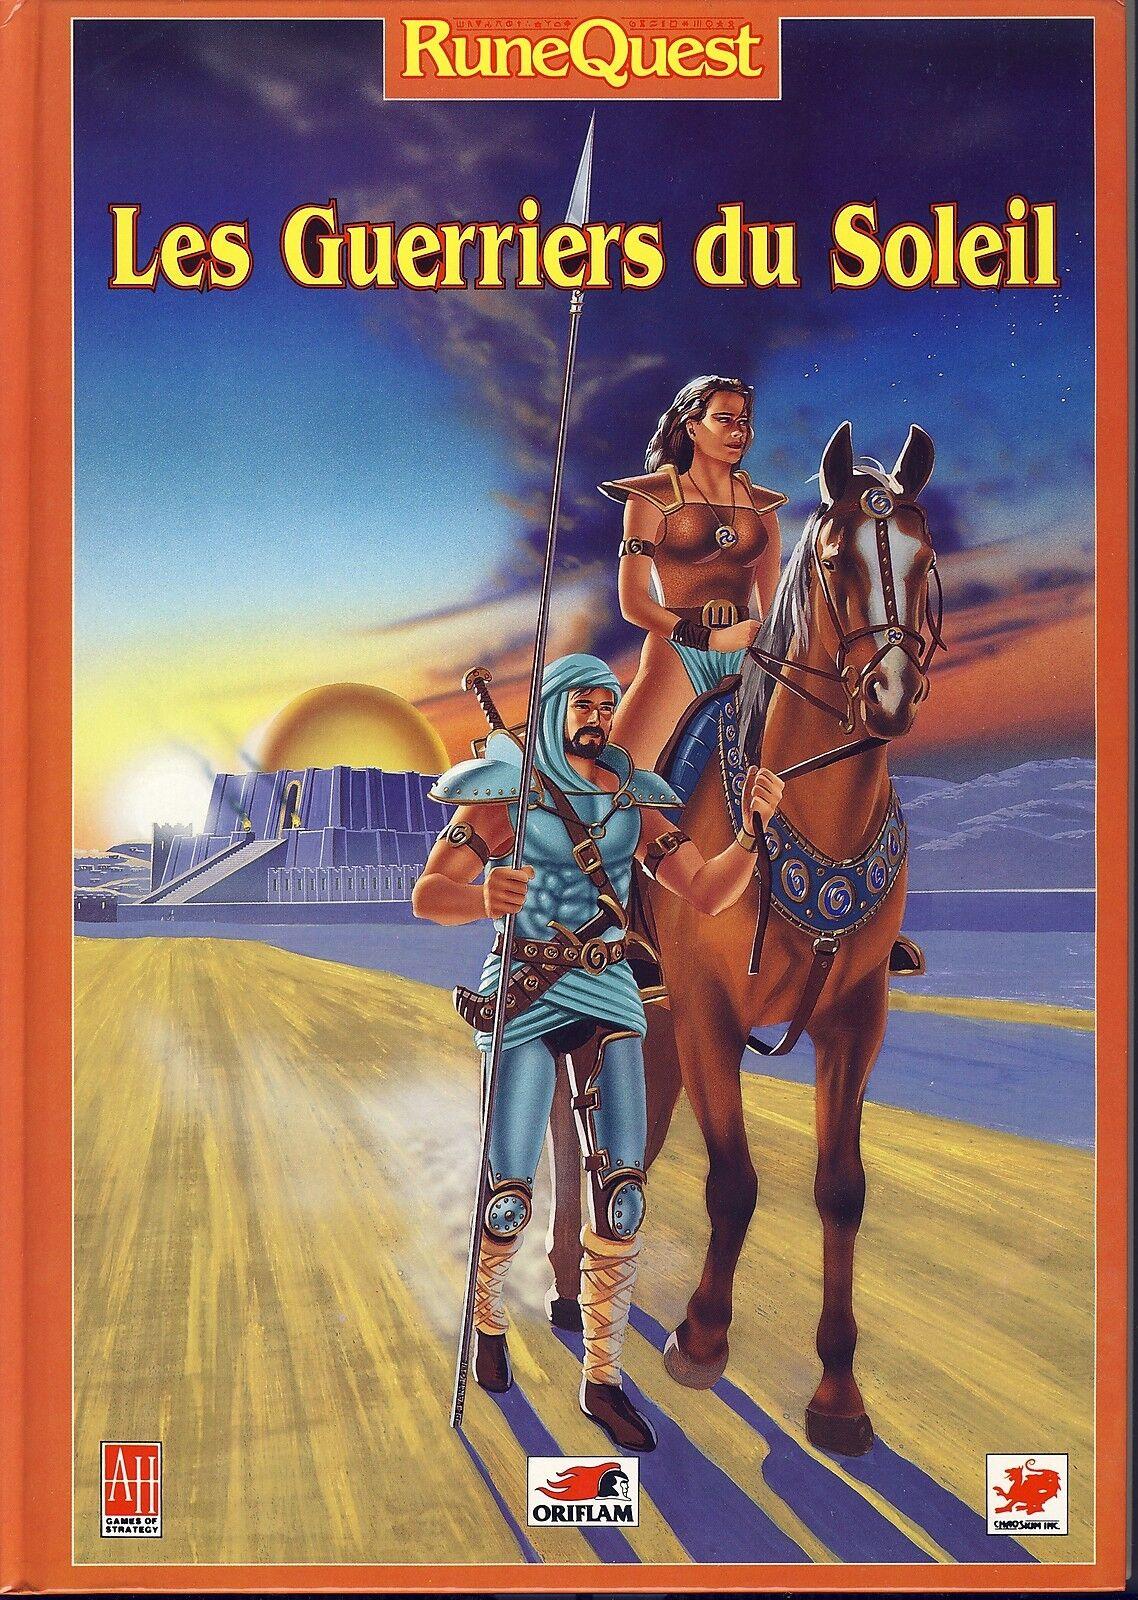 RUNEQUEST - Les guerriers du du du Soleil (Oriflam) 1358ed